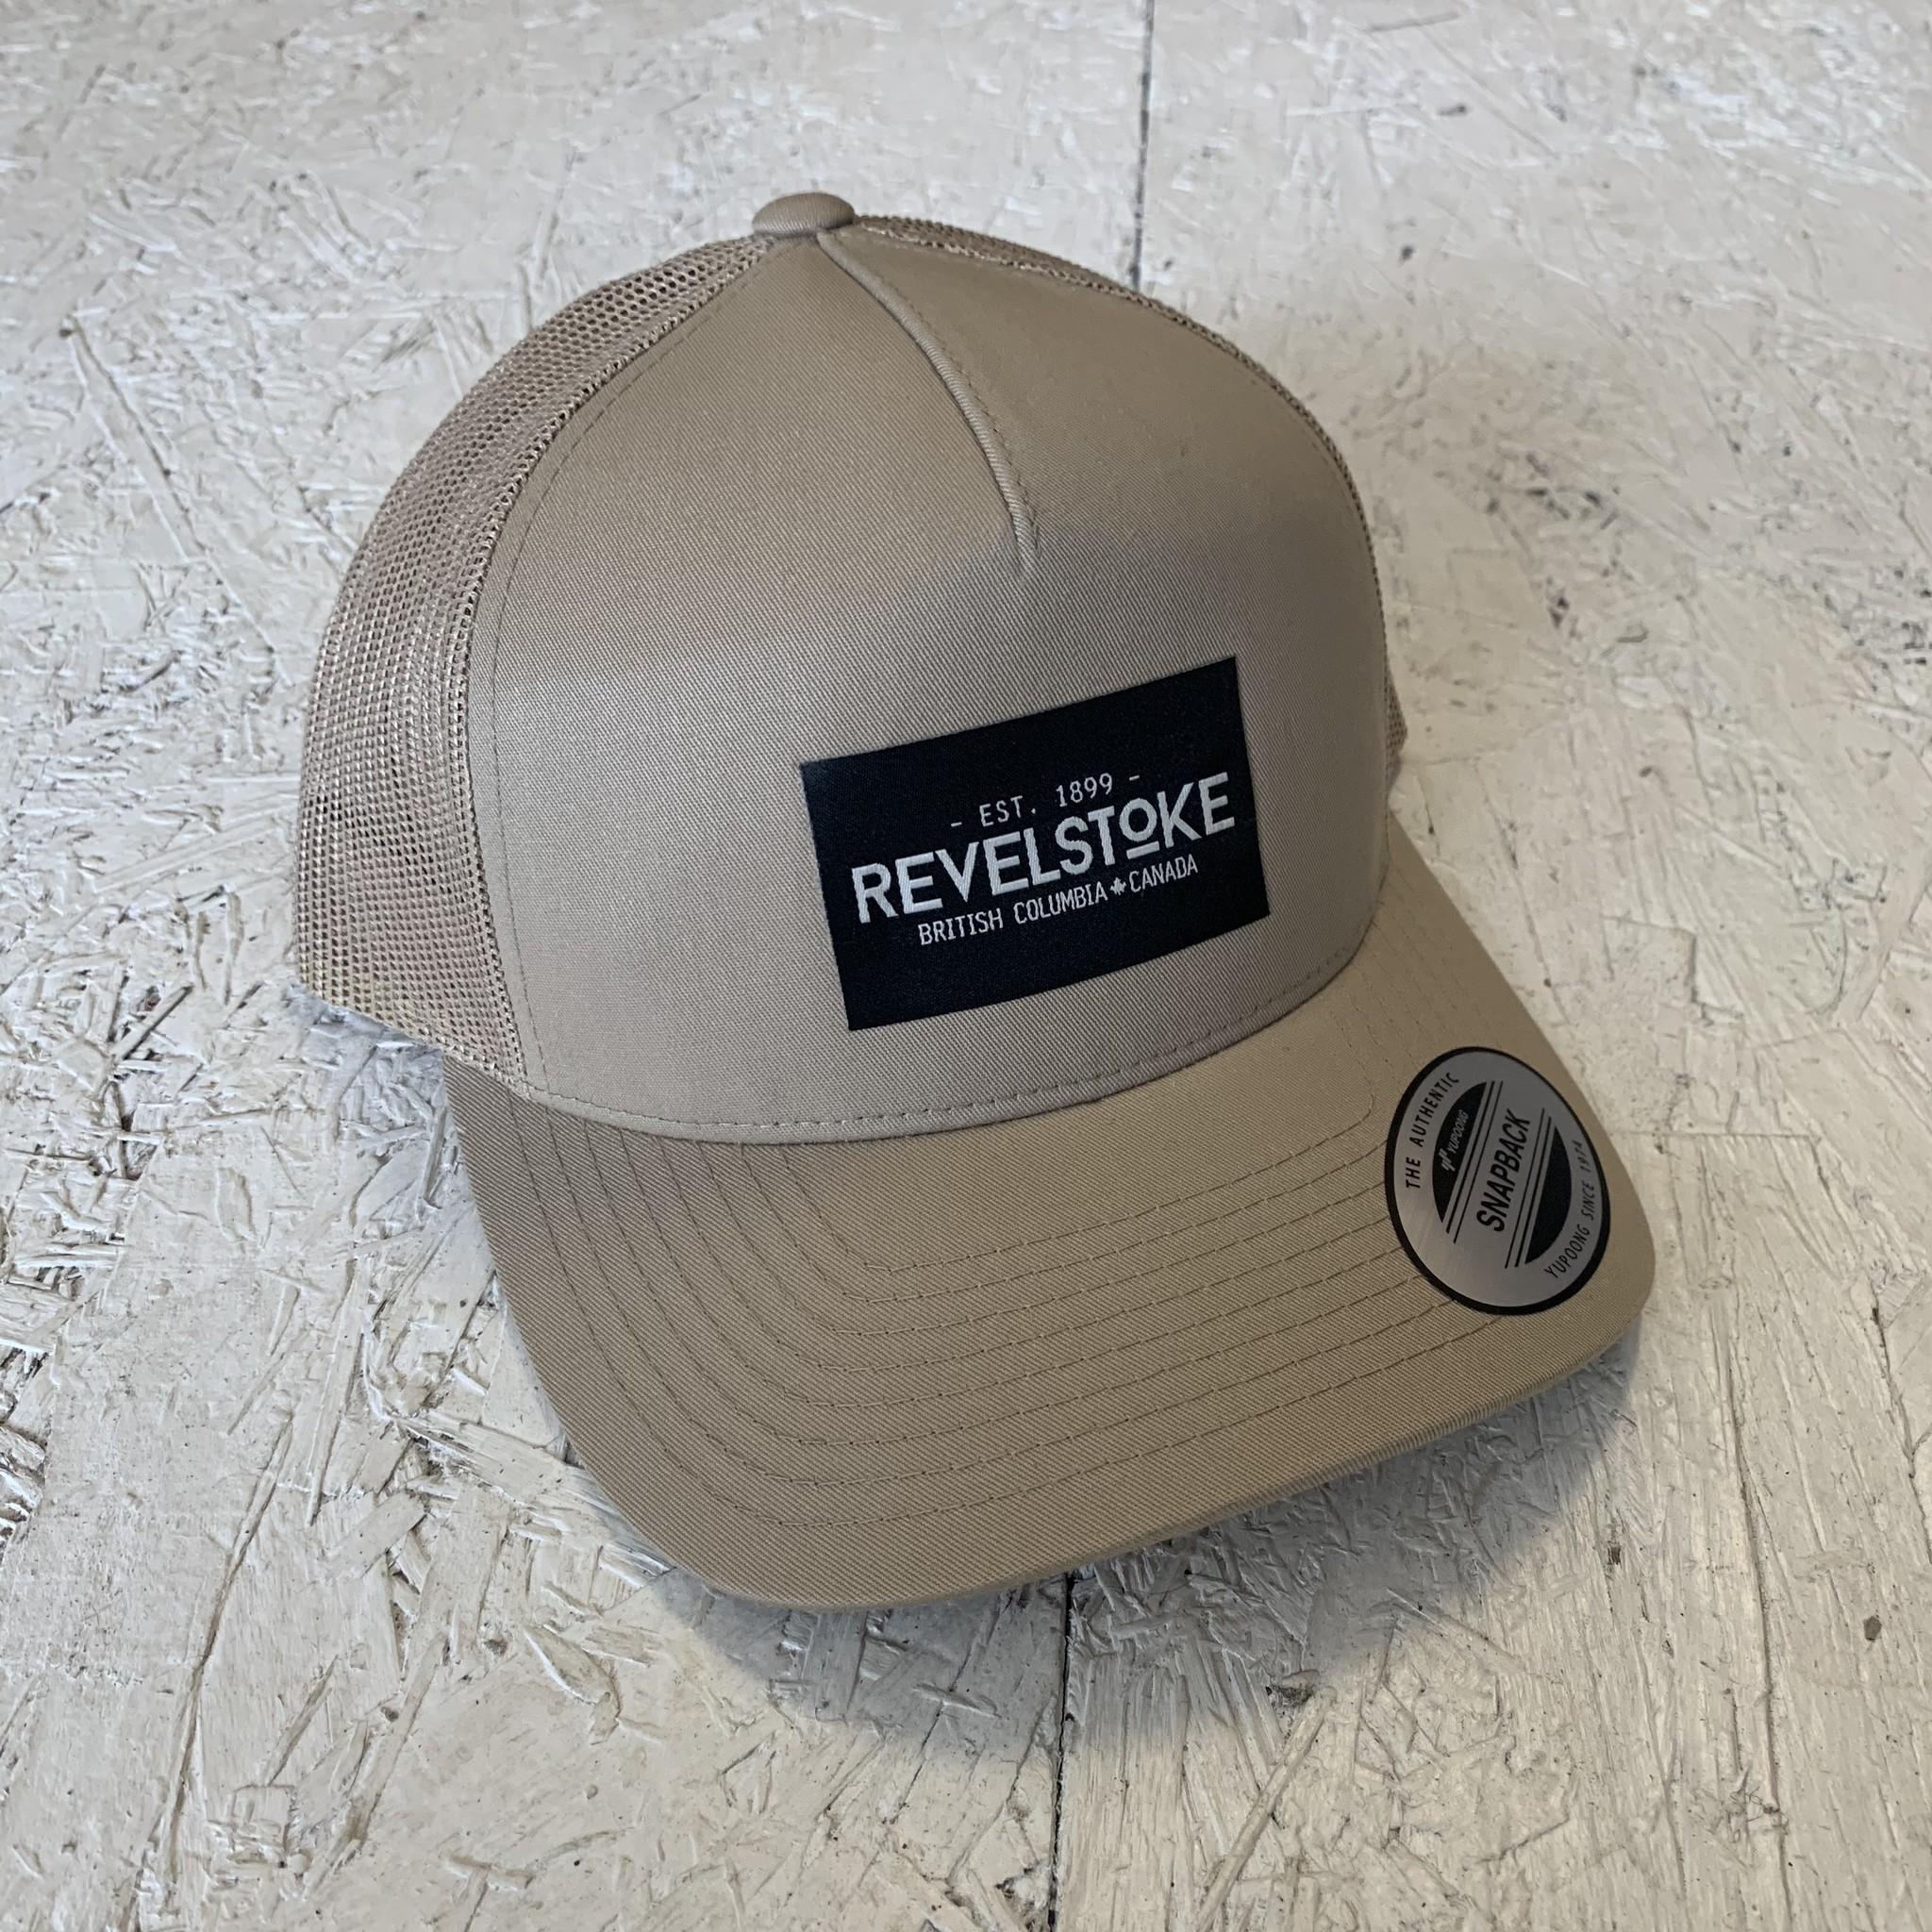 Revelstoke Trading Post Revelstoke - Trading Co Curve Trucker - Khaki